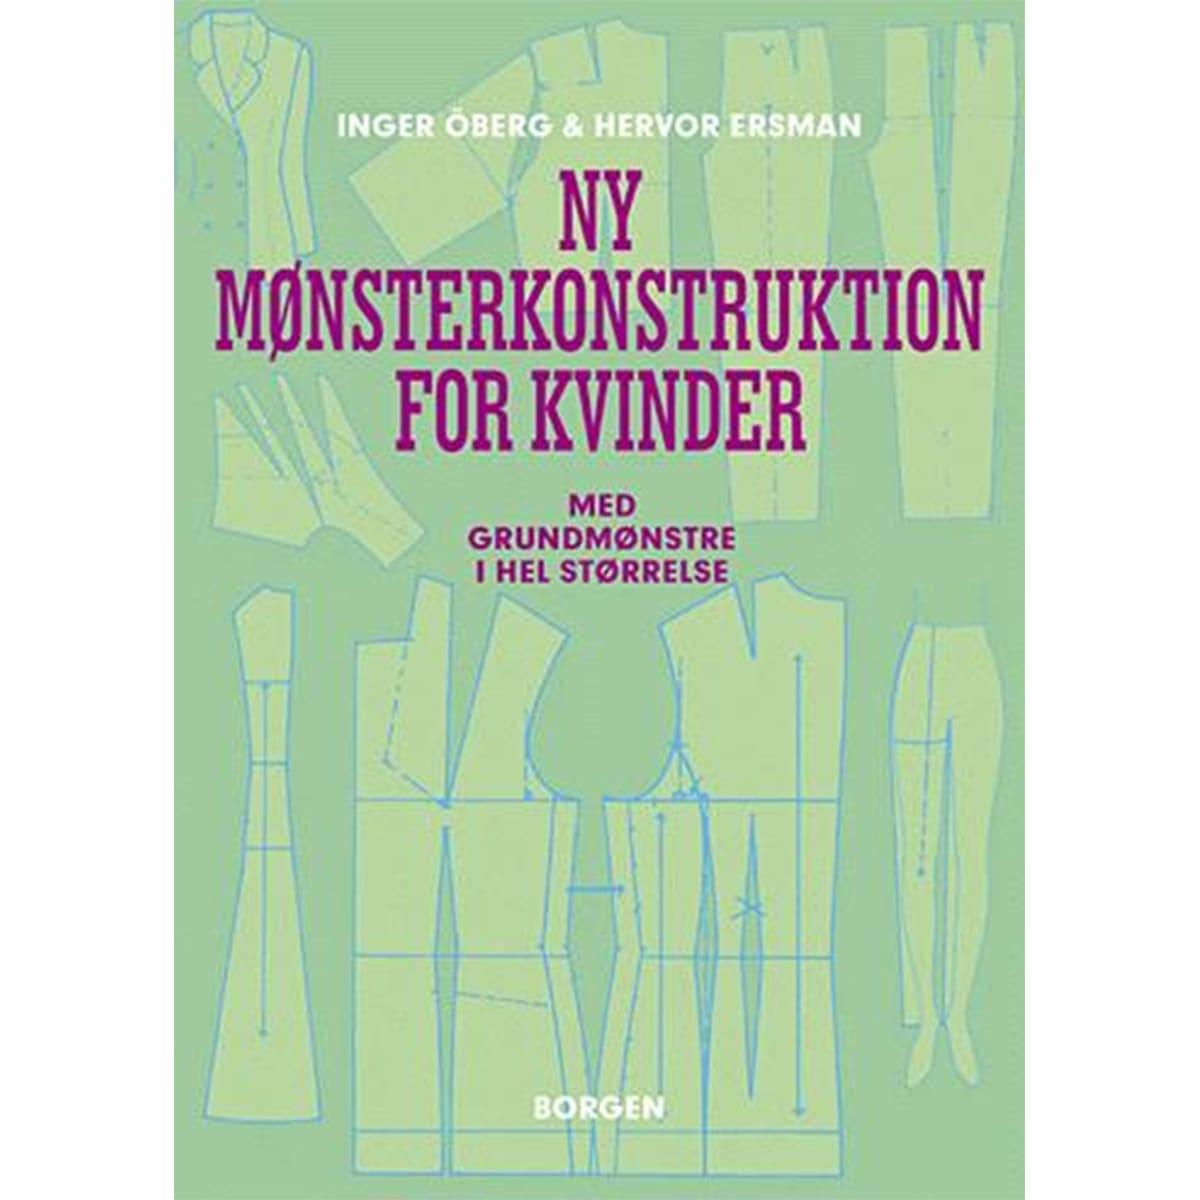 Af Inger Öberg & Hervor Ersman